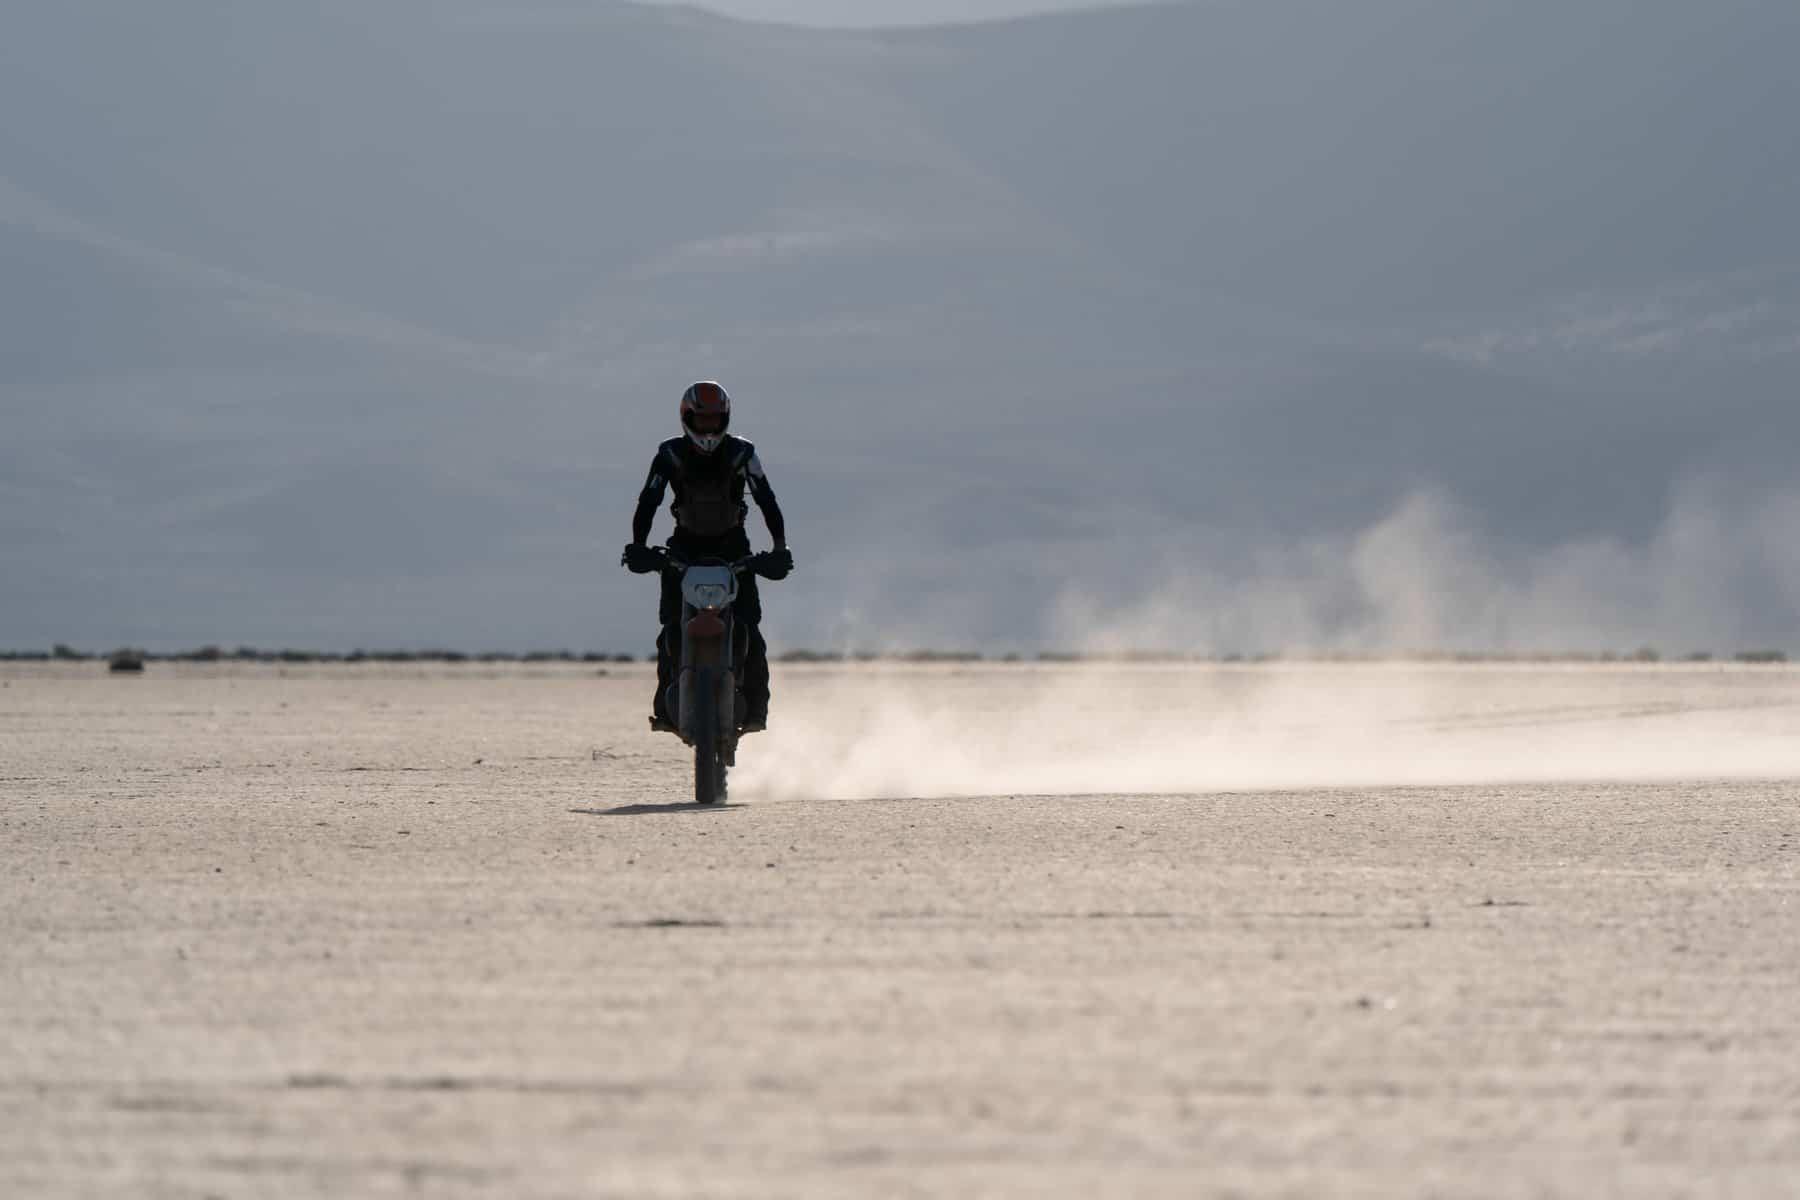 Race across the desert